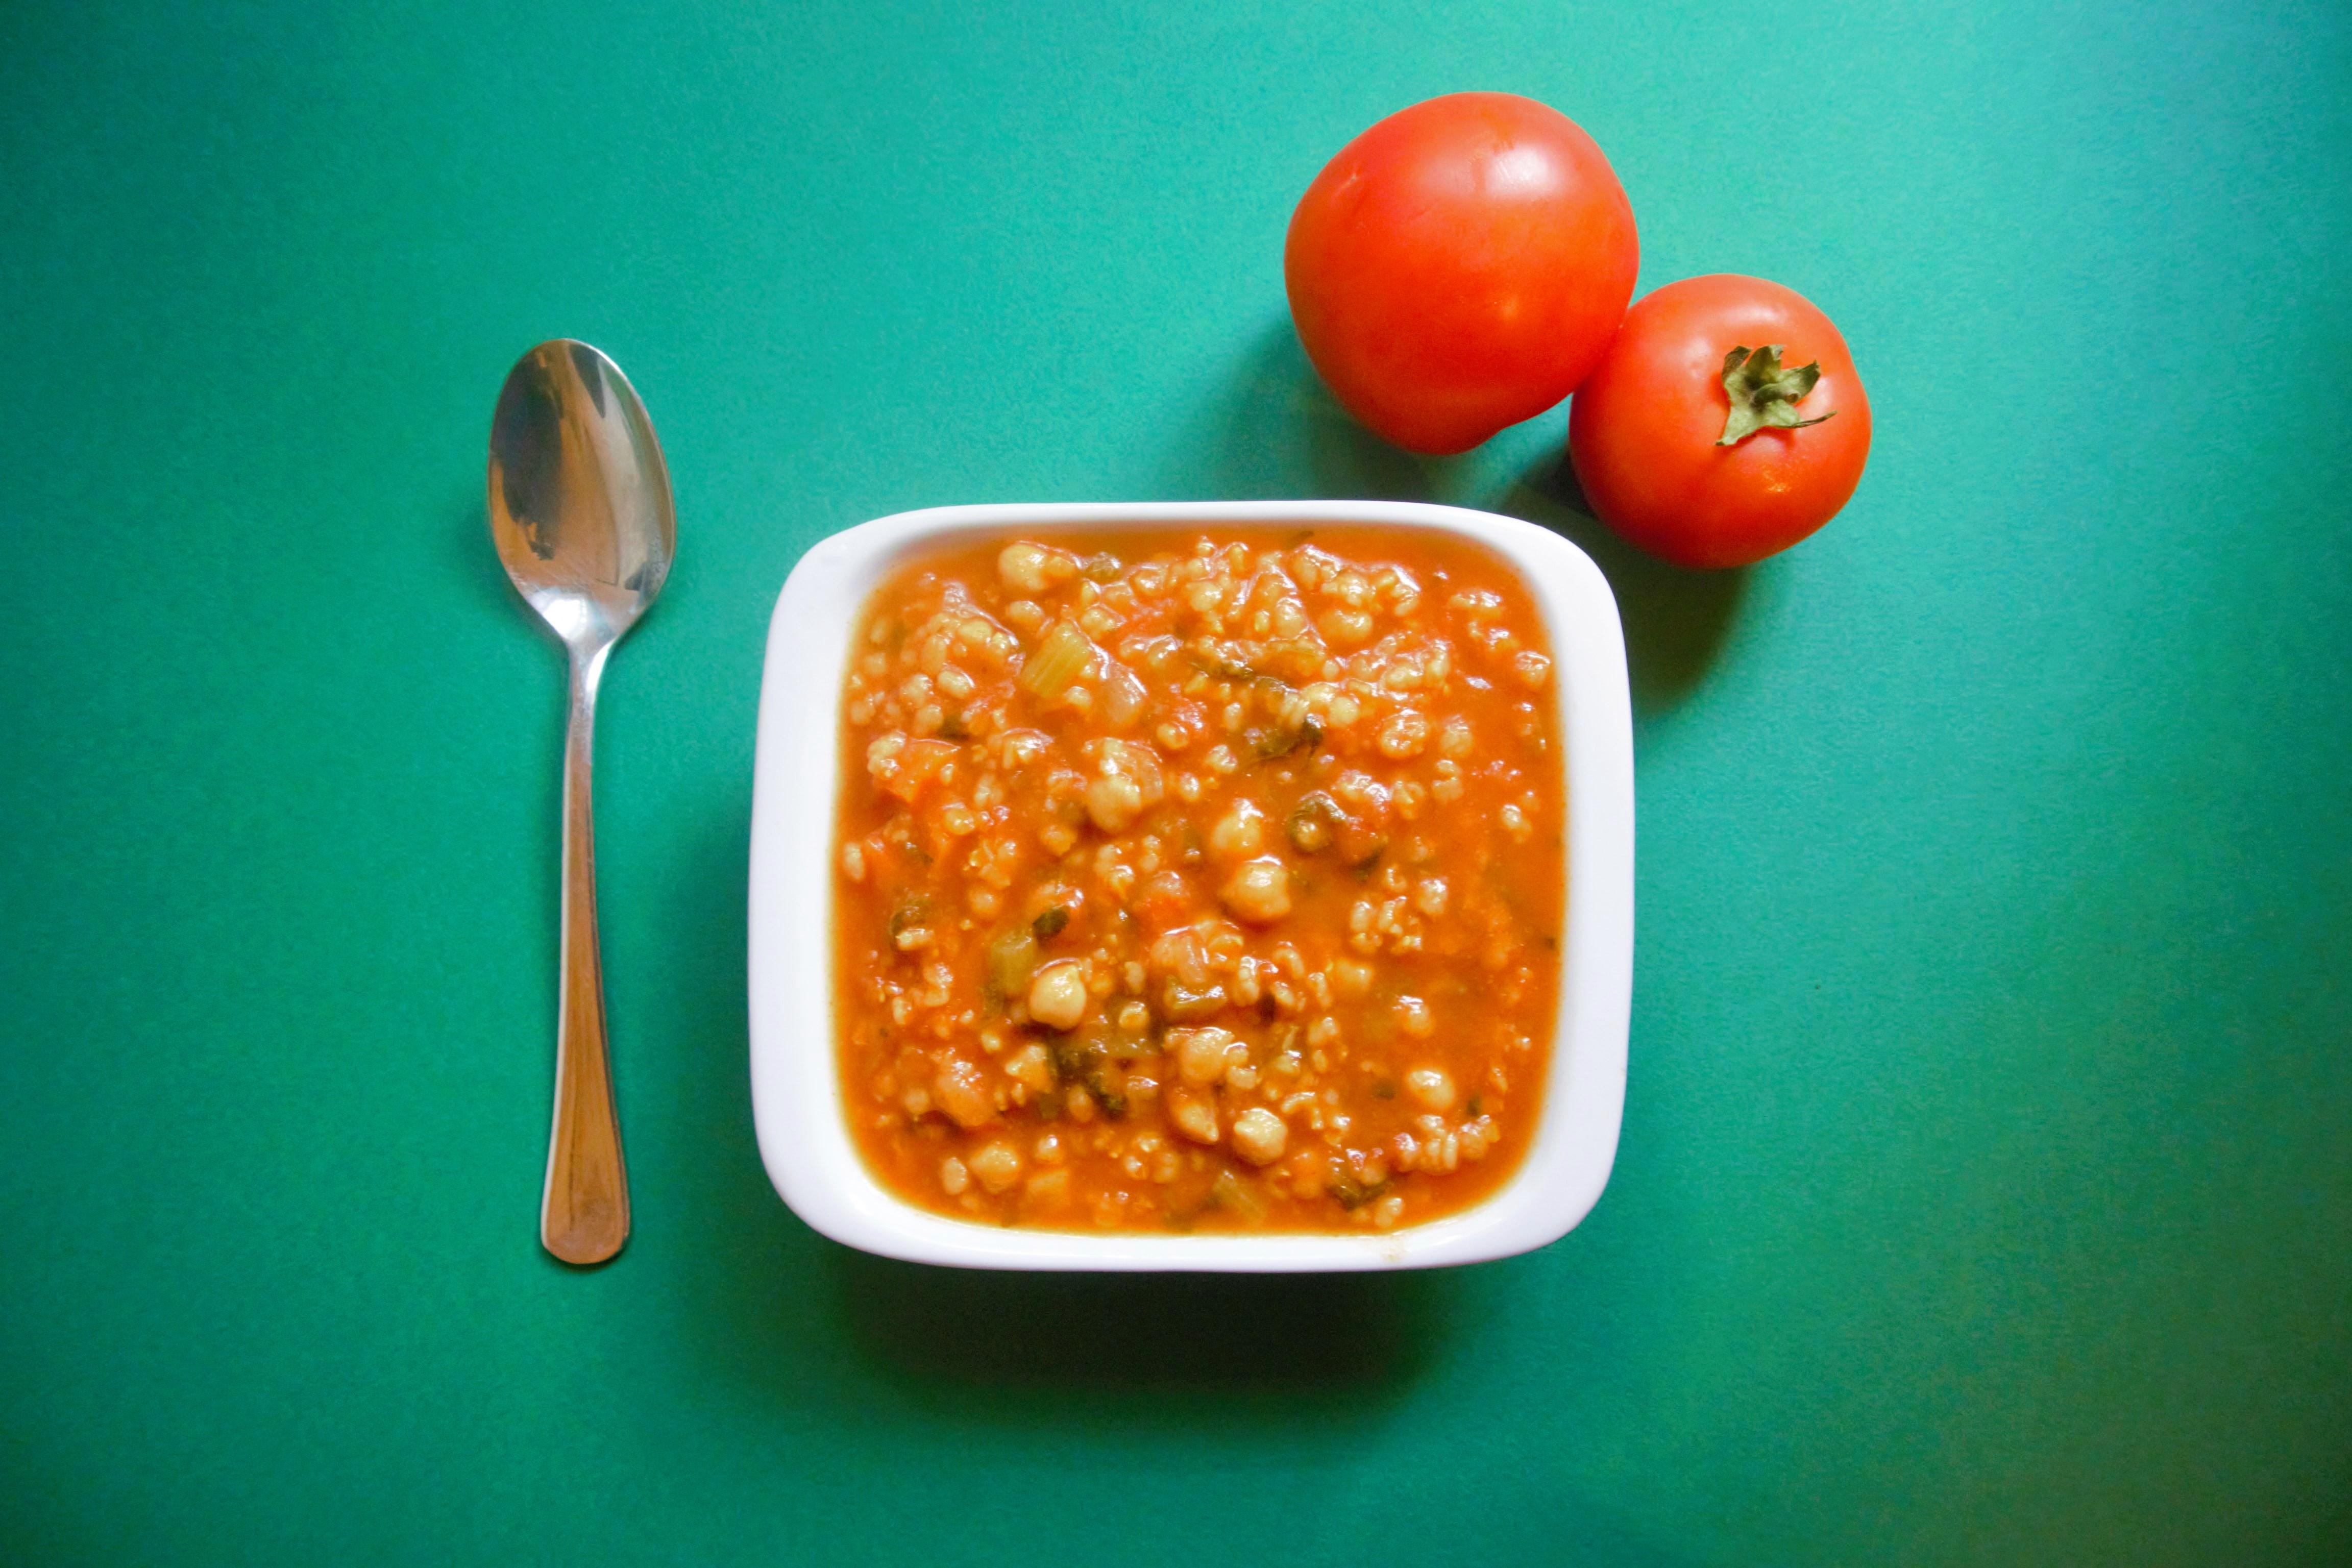 מרק עגבניות אורז חומוס מרק טבעוני סבתא יהודית מרקים טבעוניים מתכונים טבעוניים באתר השוחטת הטבעונית - יעלי שוחט